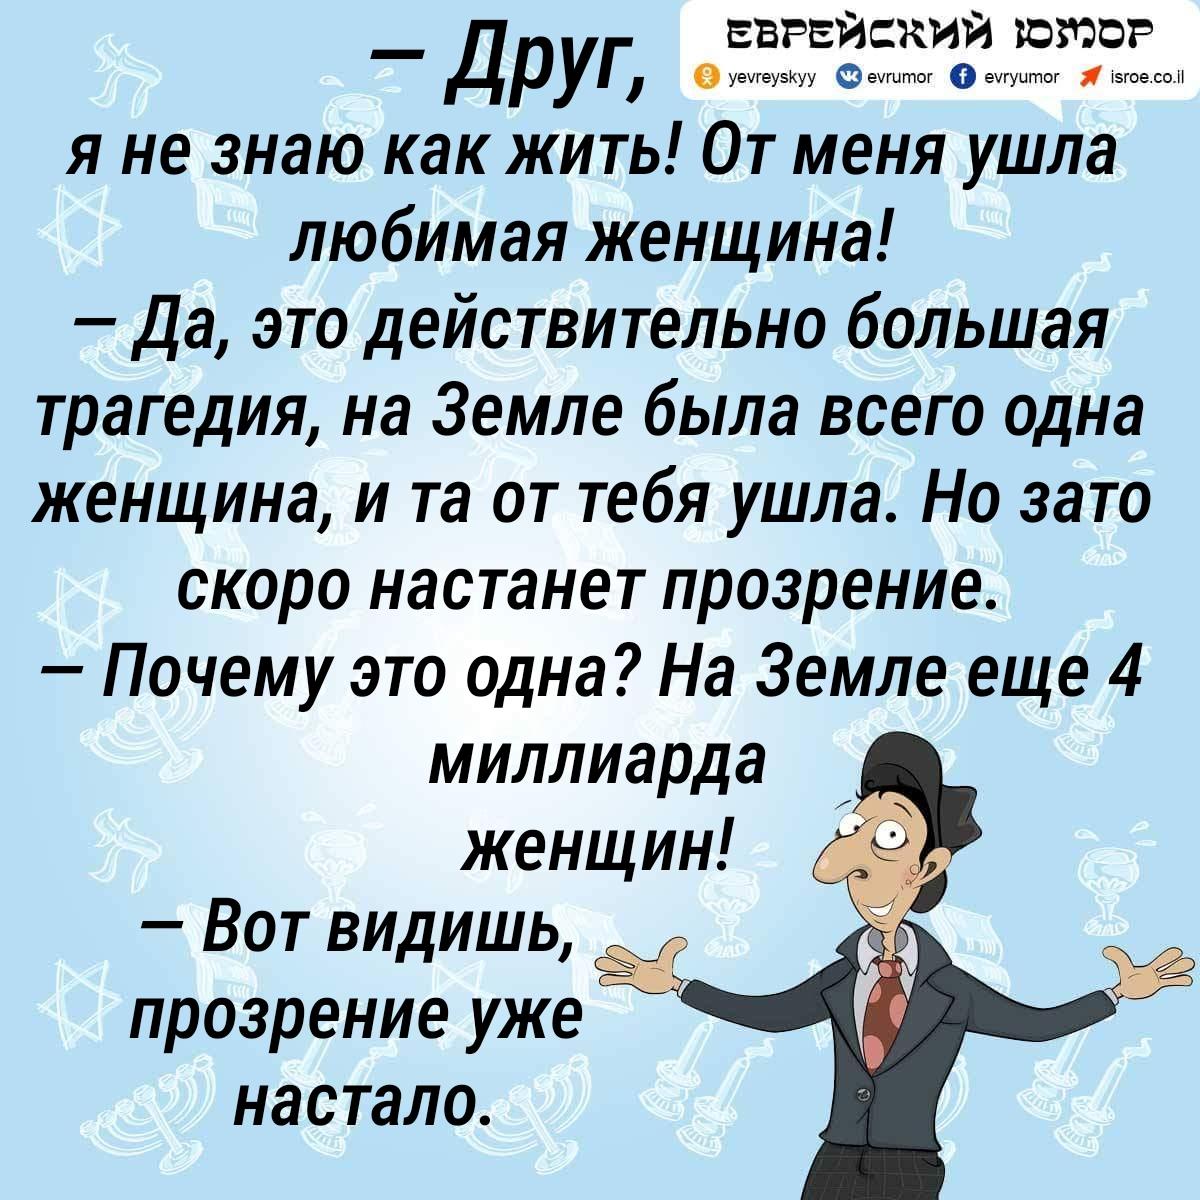 Еврейский юмор. Одесский анекдот. Прозрение